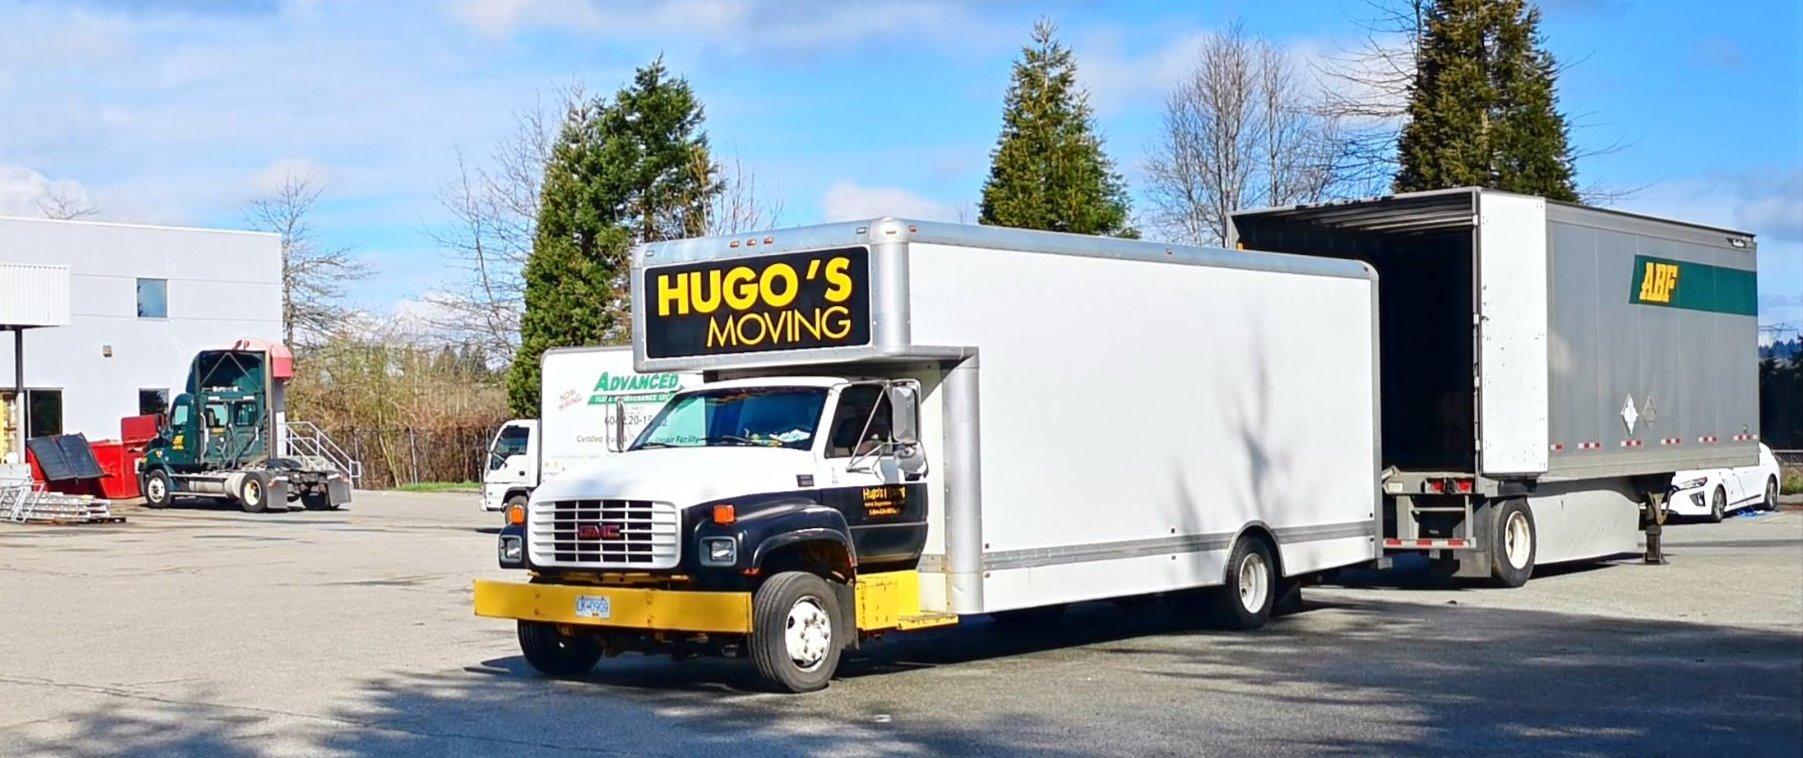 Truck Hugo's Movin g